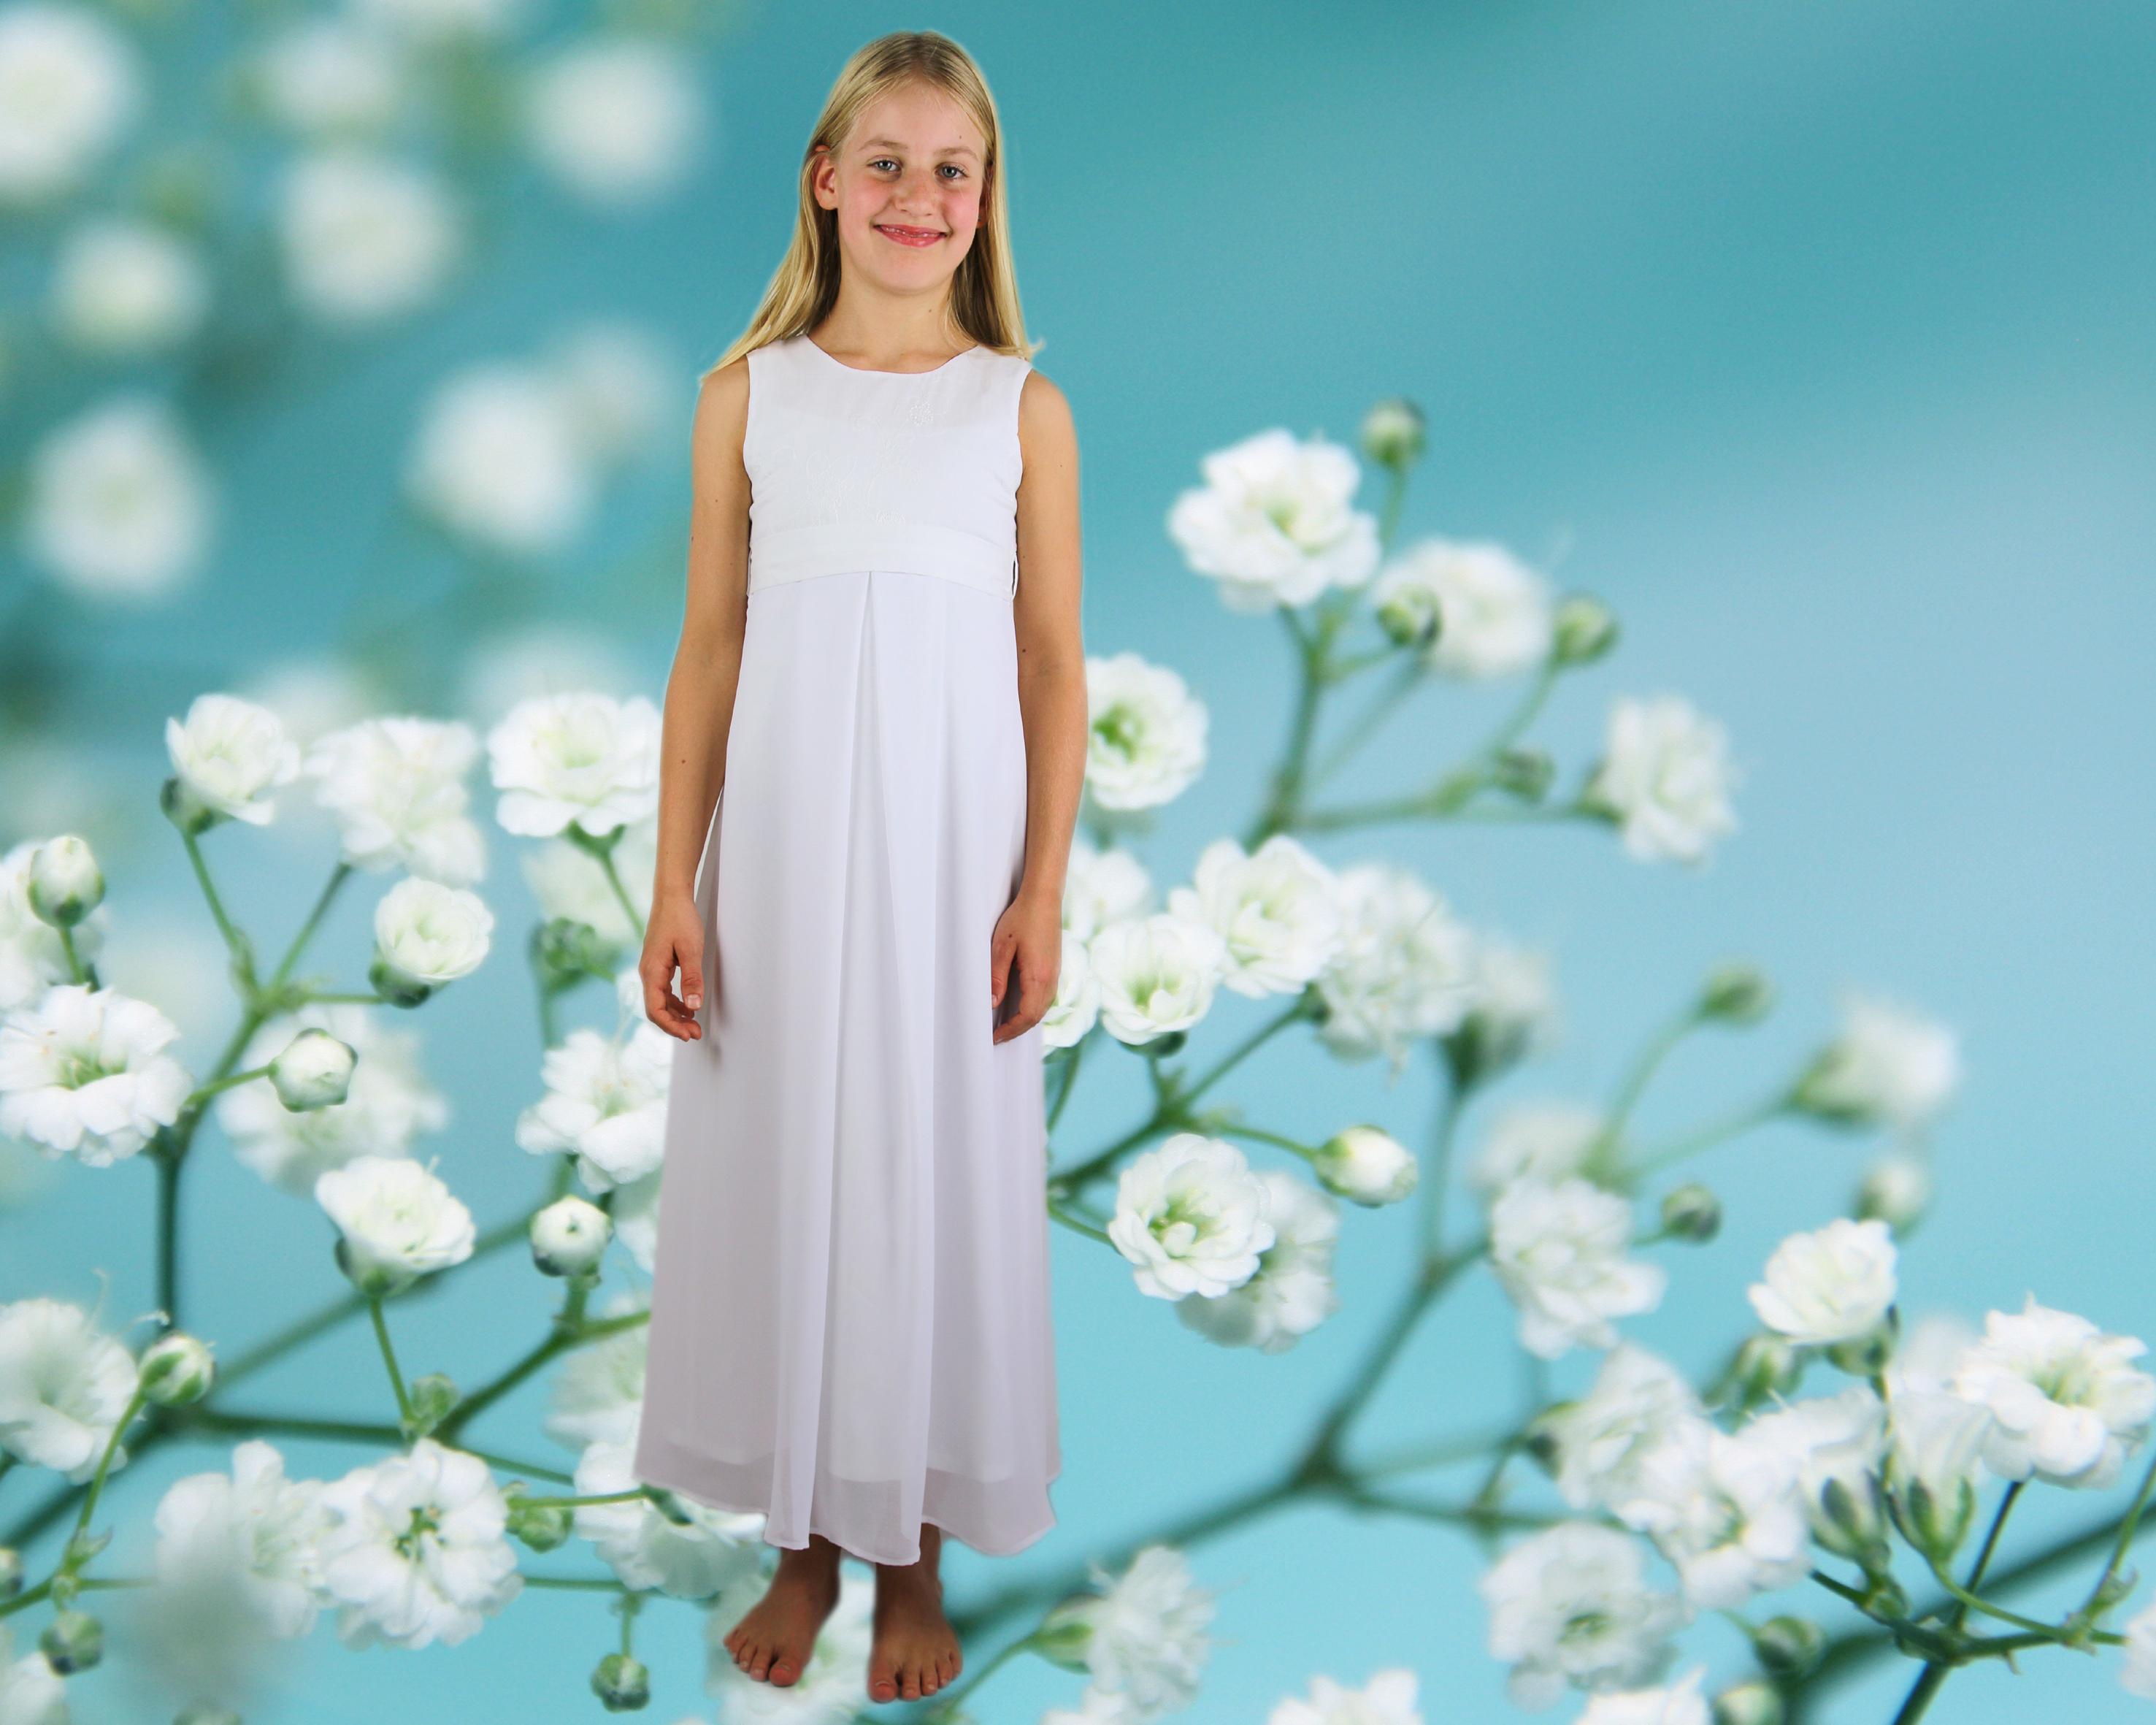 Kommunionskleid in reinweiß für zarte Mädchen